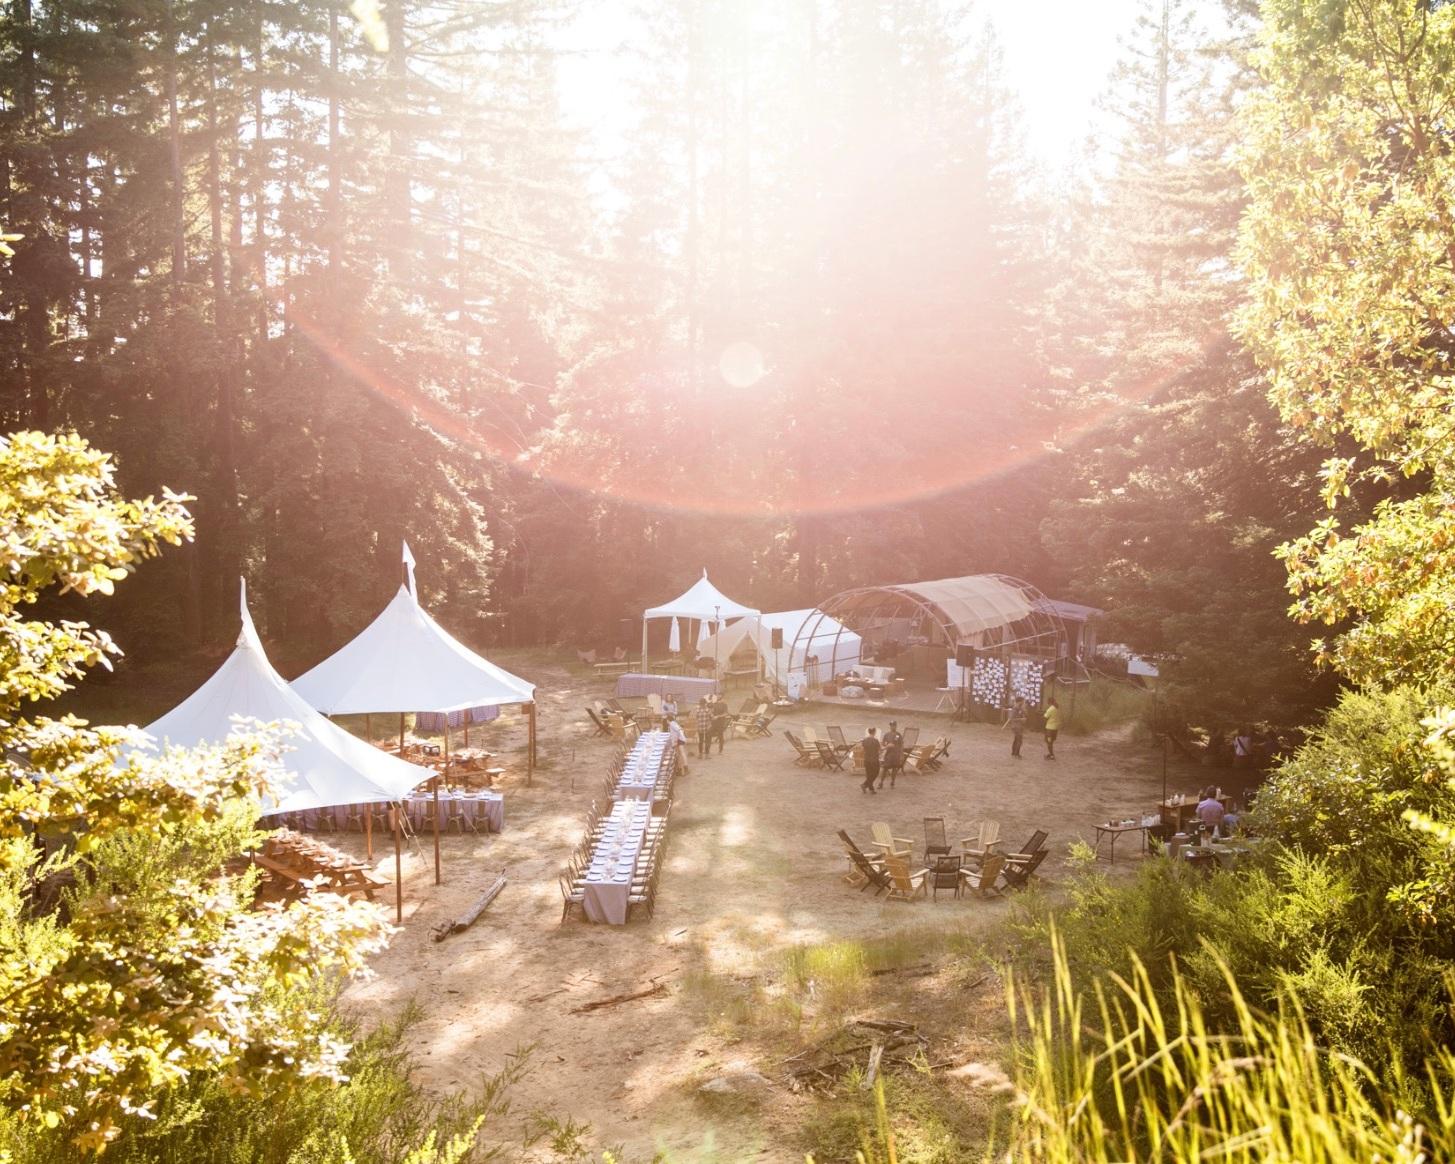 TentsWildnernessphoto.jpg